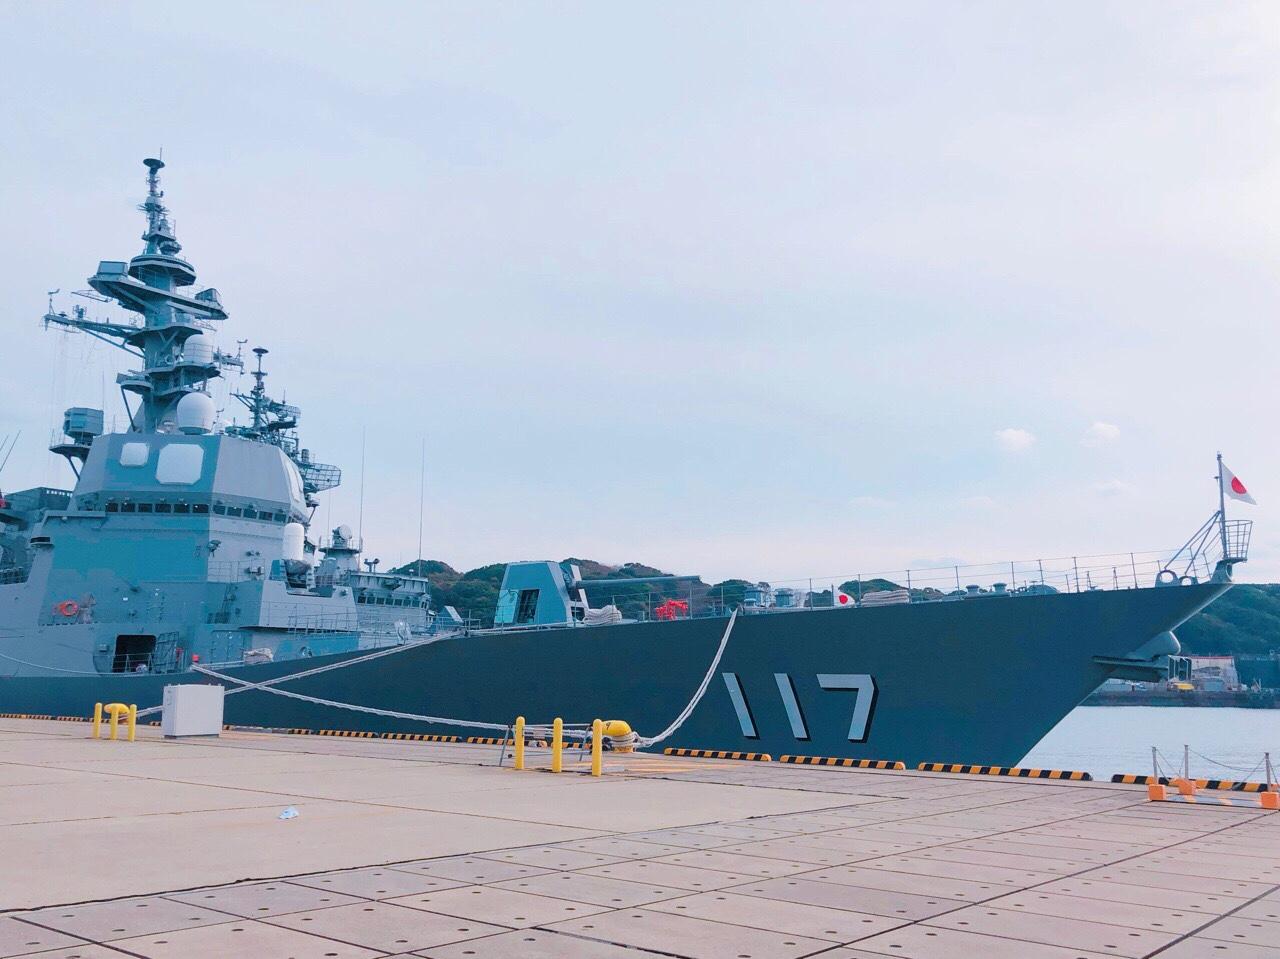 海上自衛隊倉島岸壁-超かっこいい!日本を守る軍艦に搭乗してみた ...